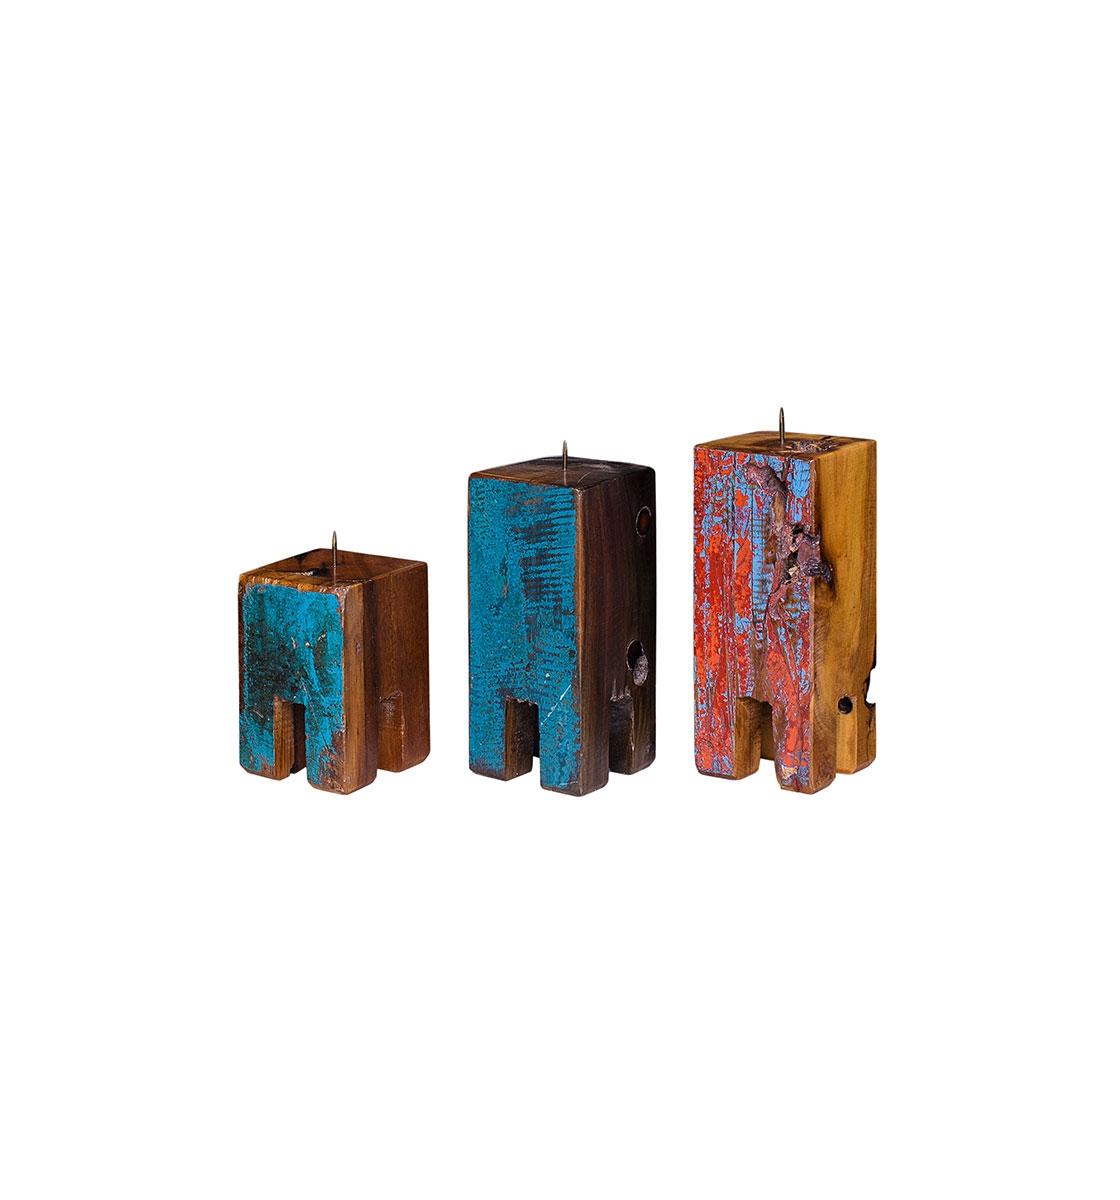 Набор из трех подсвечников Гарри ПоттерПодсвечники<br>Три подсвечника разной высоты (12, 17 и 20 см.), выполненные из массива древесины старого рыбацкого судна с сохранением оригинальной многослойной окраски.<br><br>Подходит для использования как внутри помещения, так и снаружи.<br><br>Material: Тик<br>Ширина см: 10<br>Высота см: 20<br>Глубина см: 10